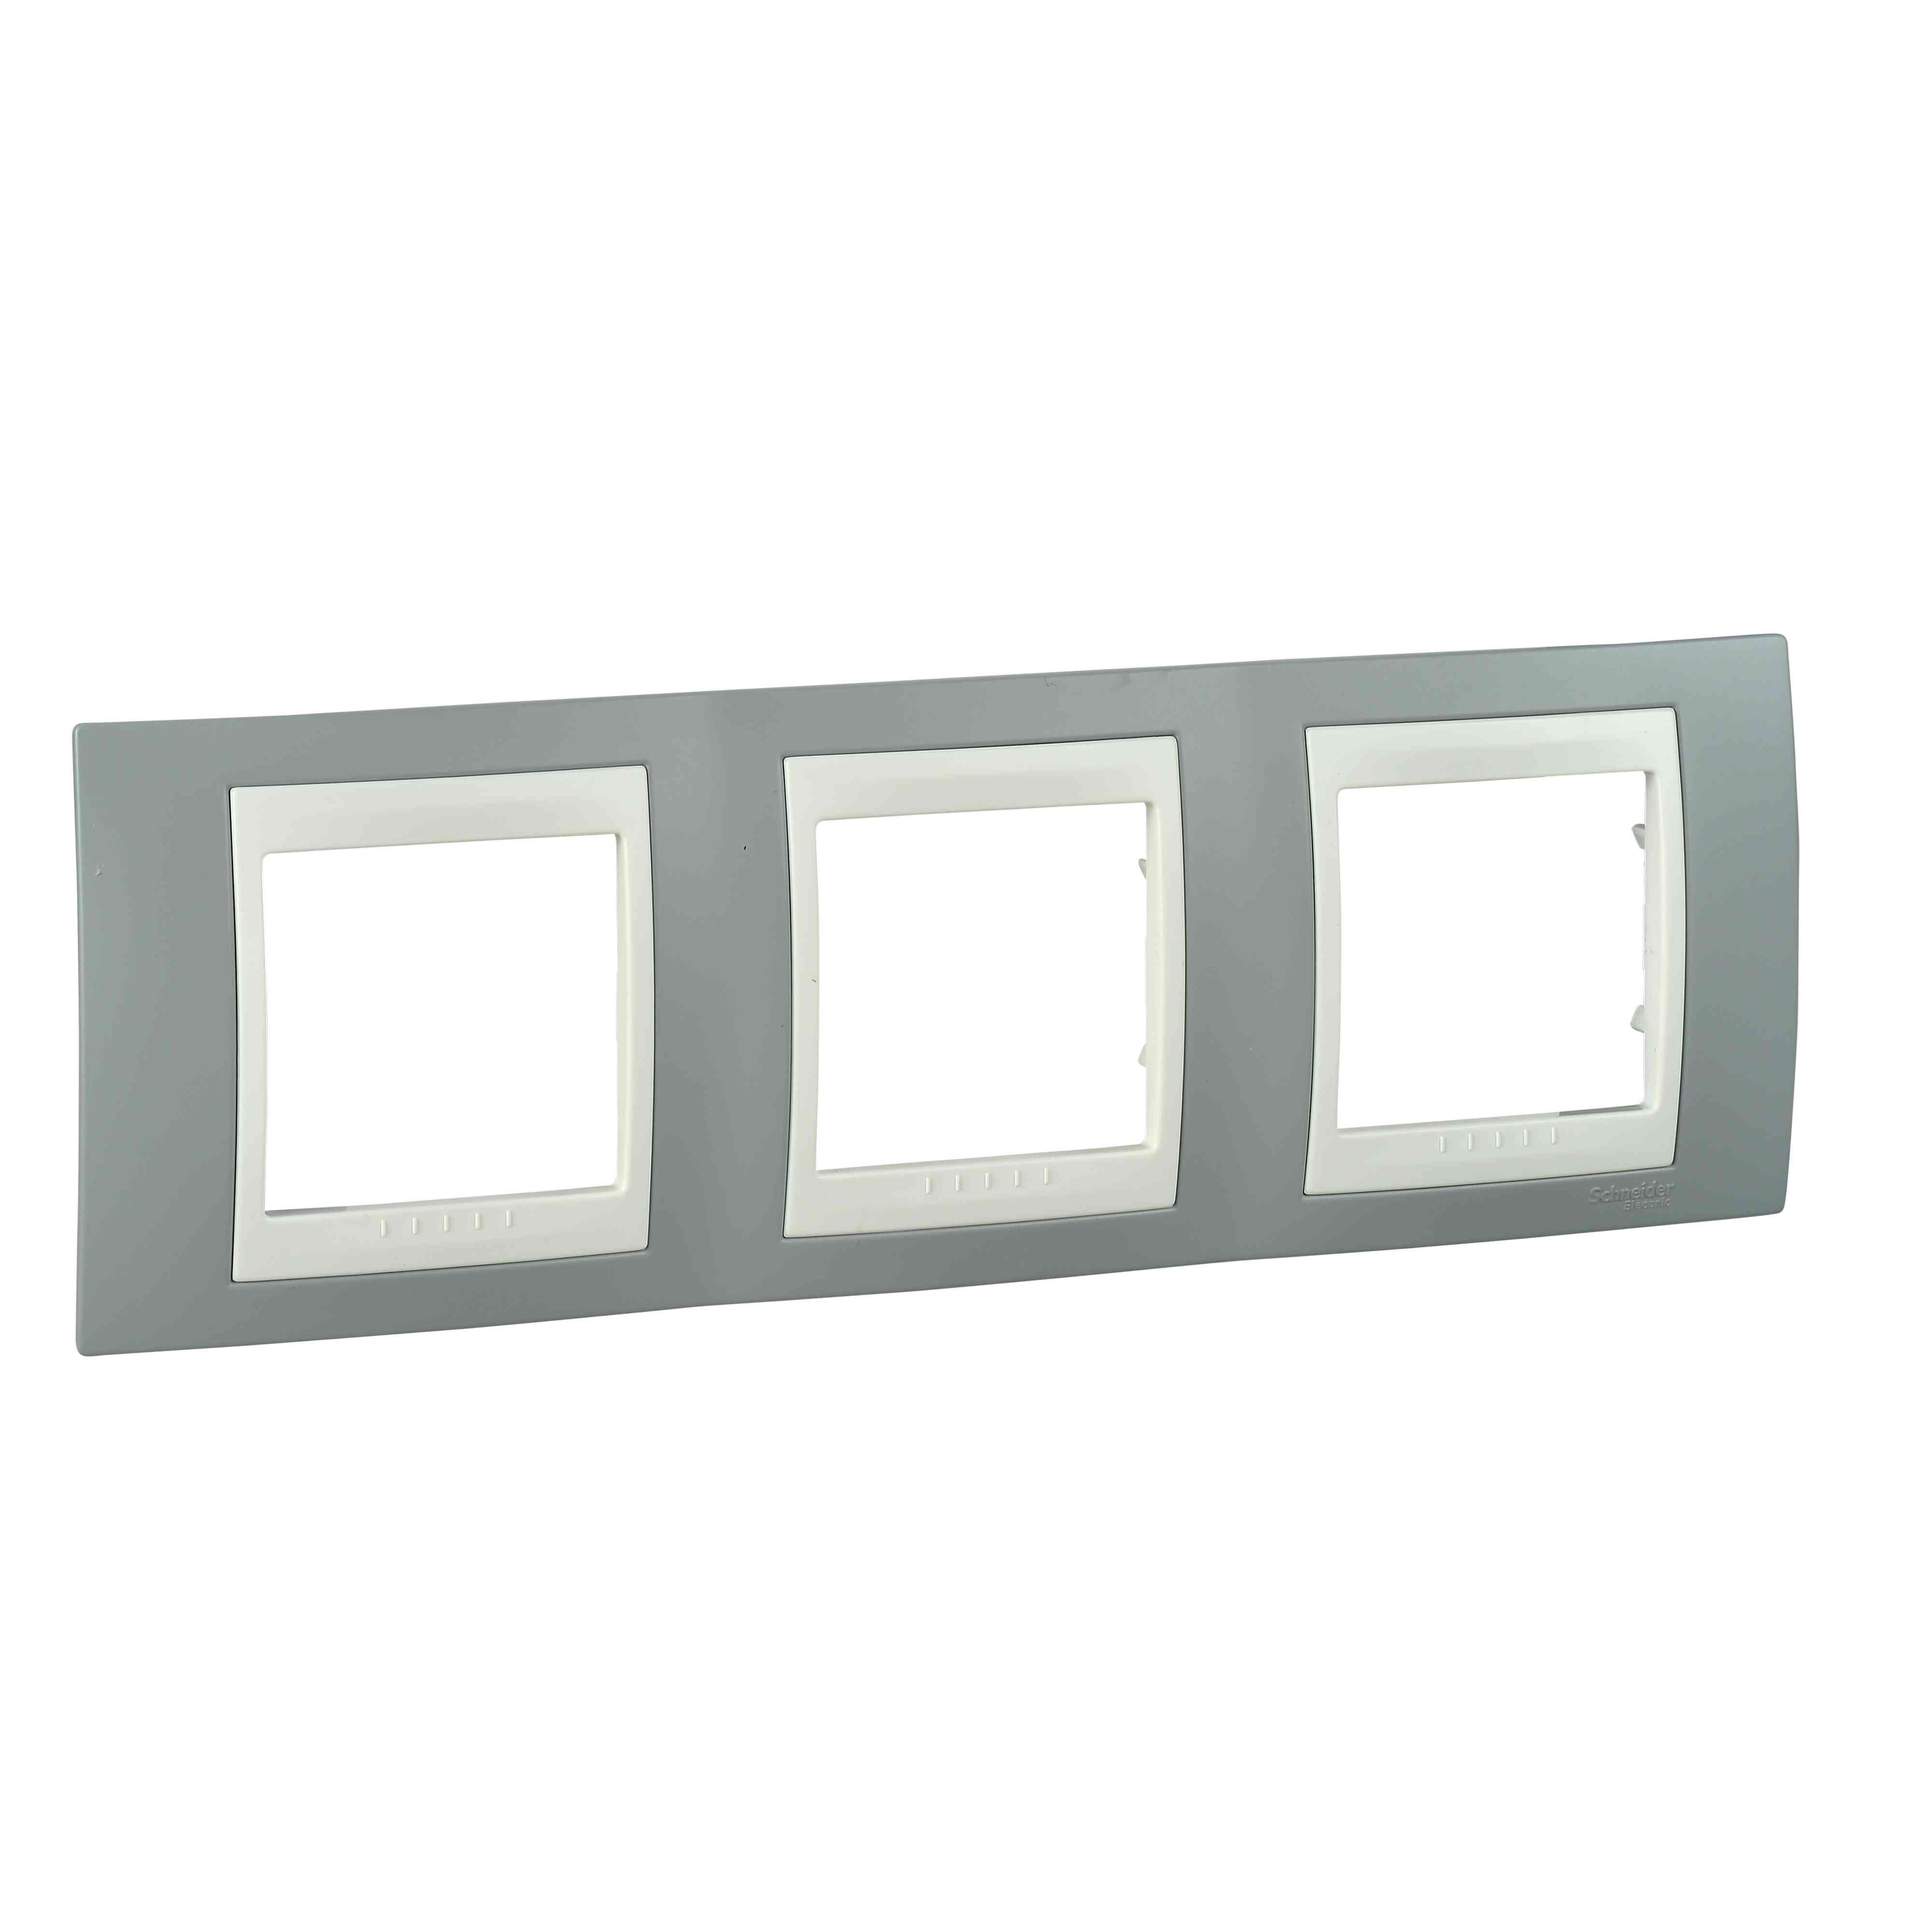 Unica Plus - dekorativni okvir - 3 odprtine, H71 - megleno siv/bež